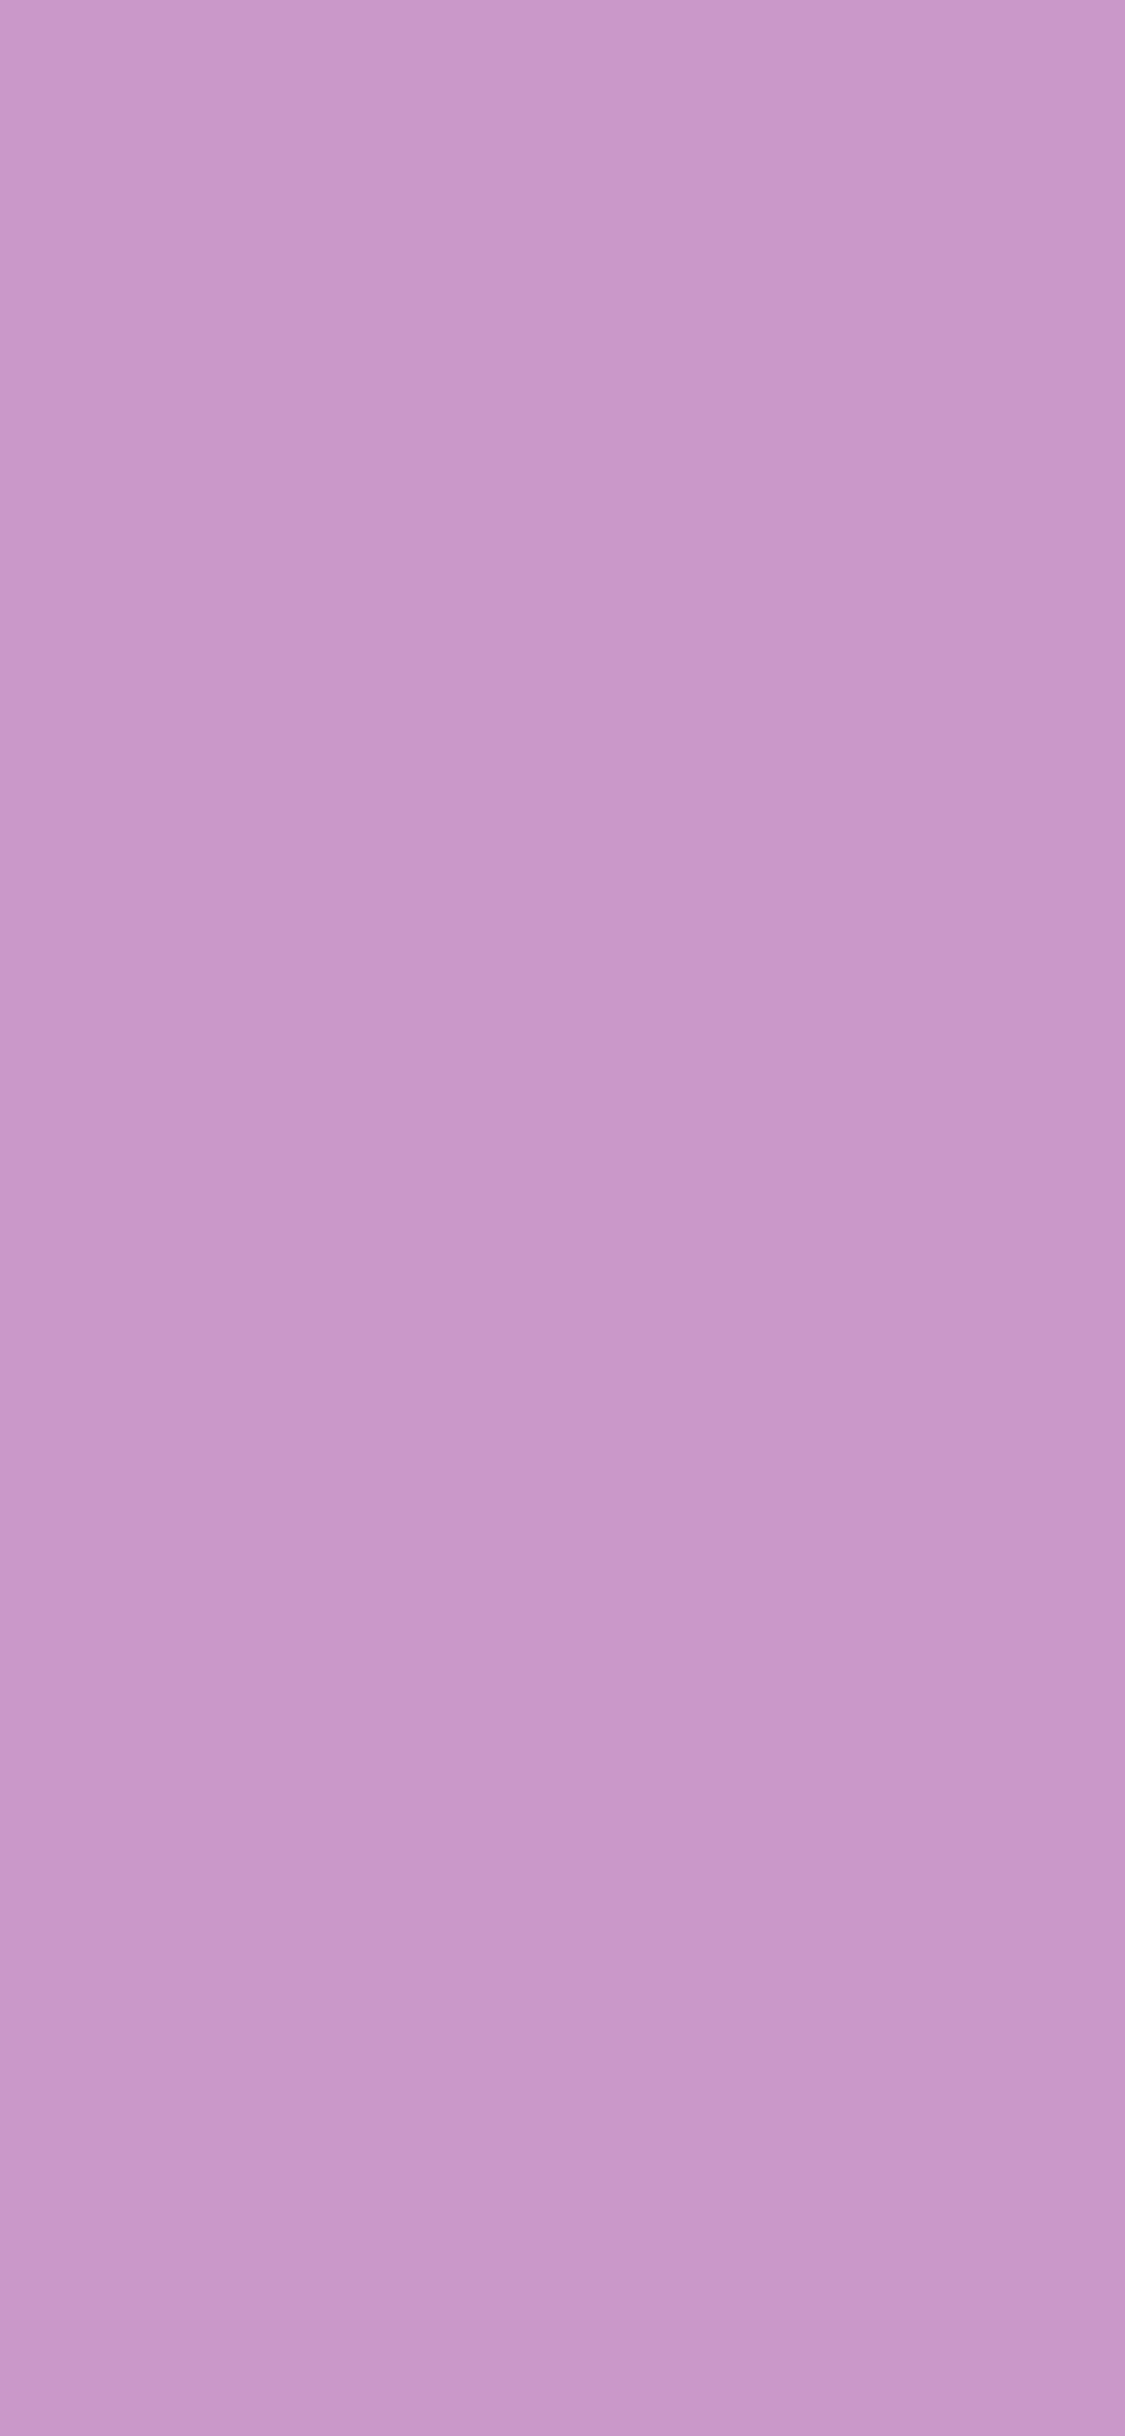 1125x2436 Pastel Violet Solid Color Background